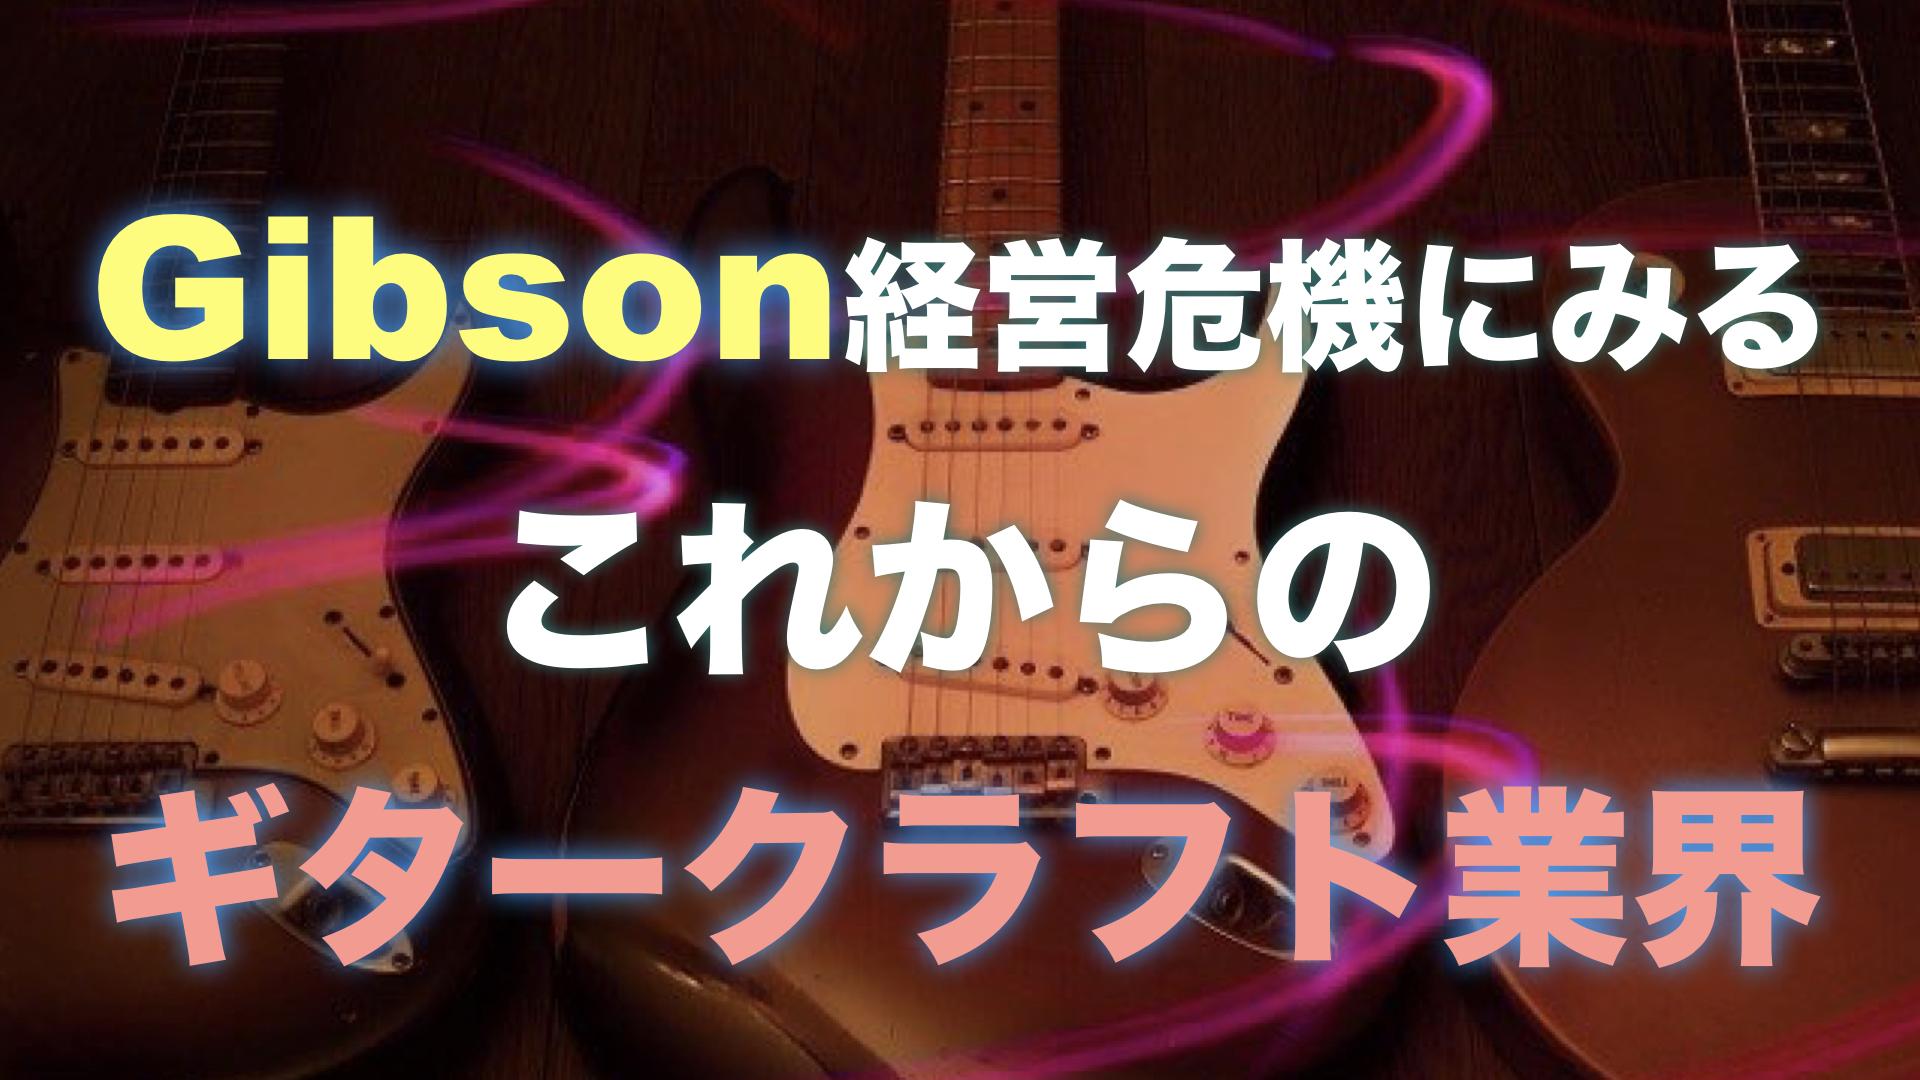 Gibson経営危機にみるこれからのギタークラフト業界